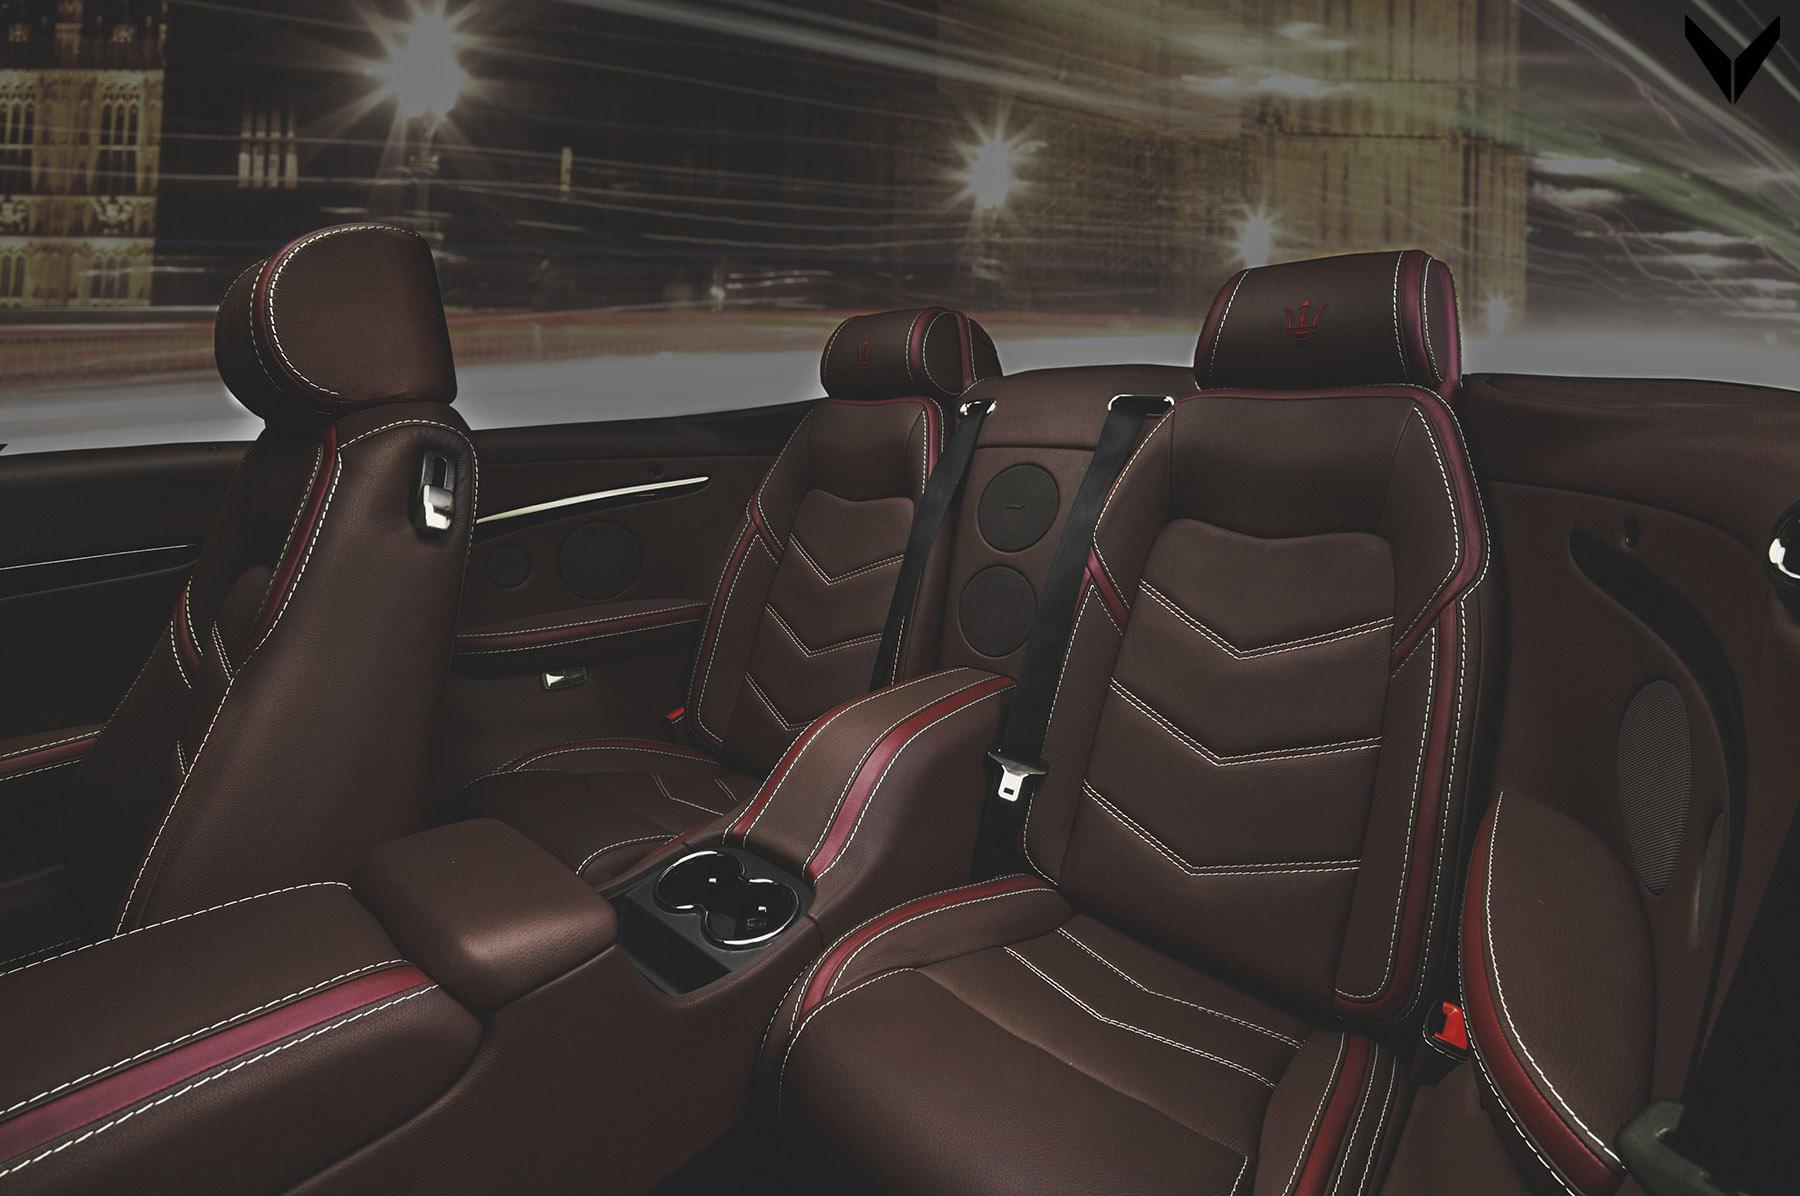 Maserati GranCabrio cu interior Vilner - Maserati GranCabrio cu interior Vilner